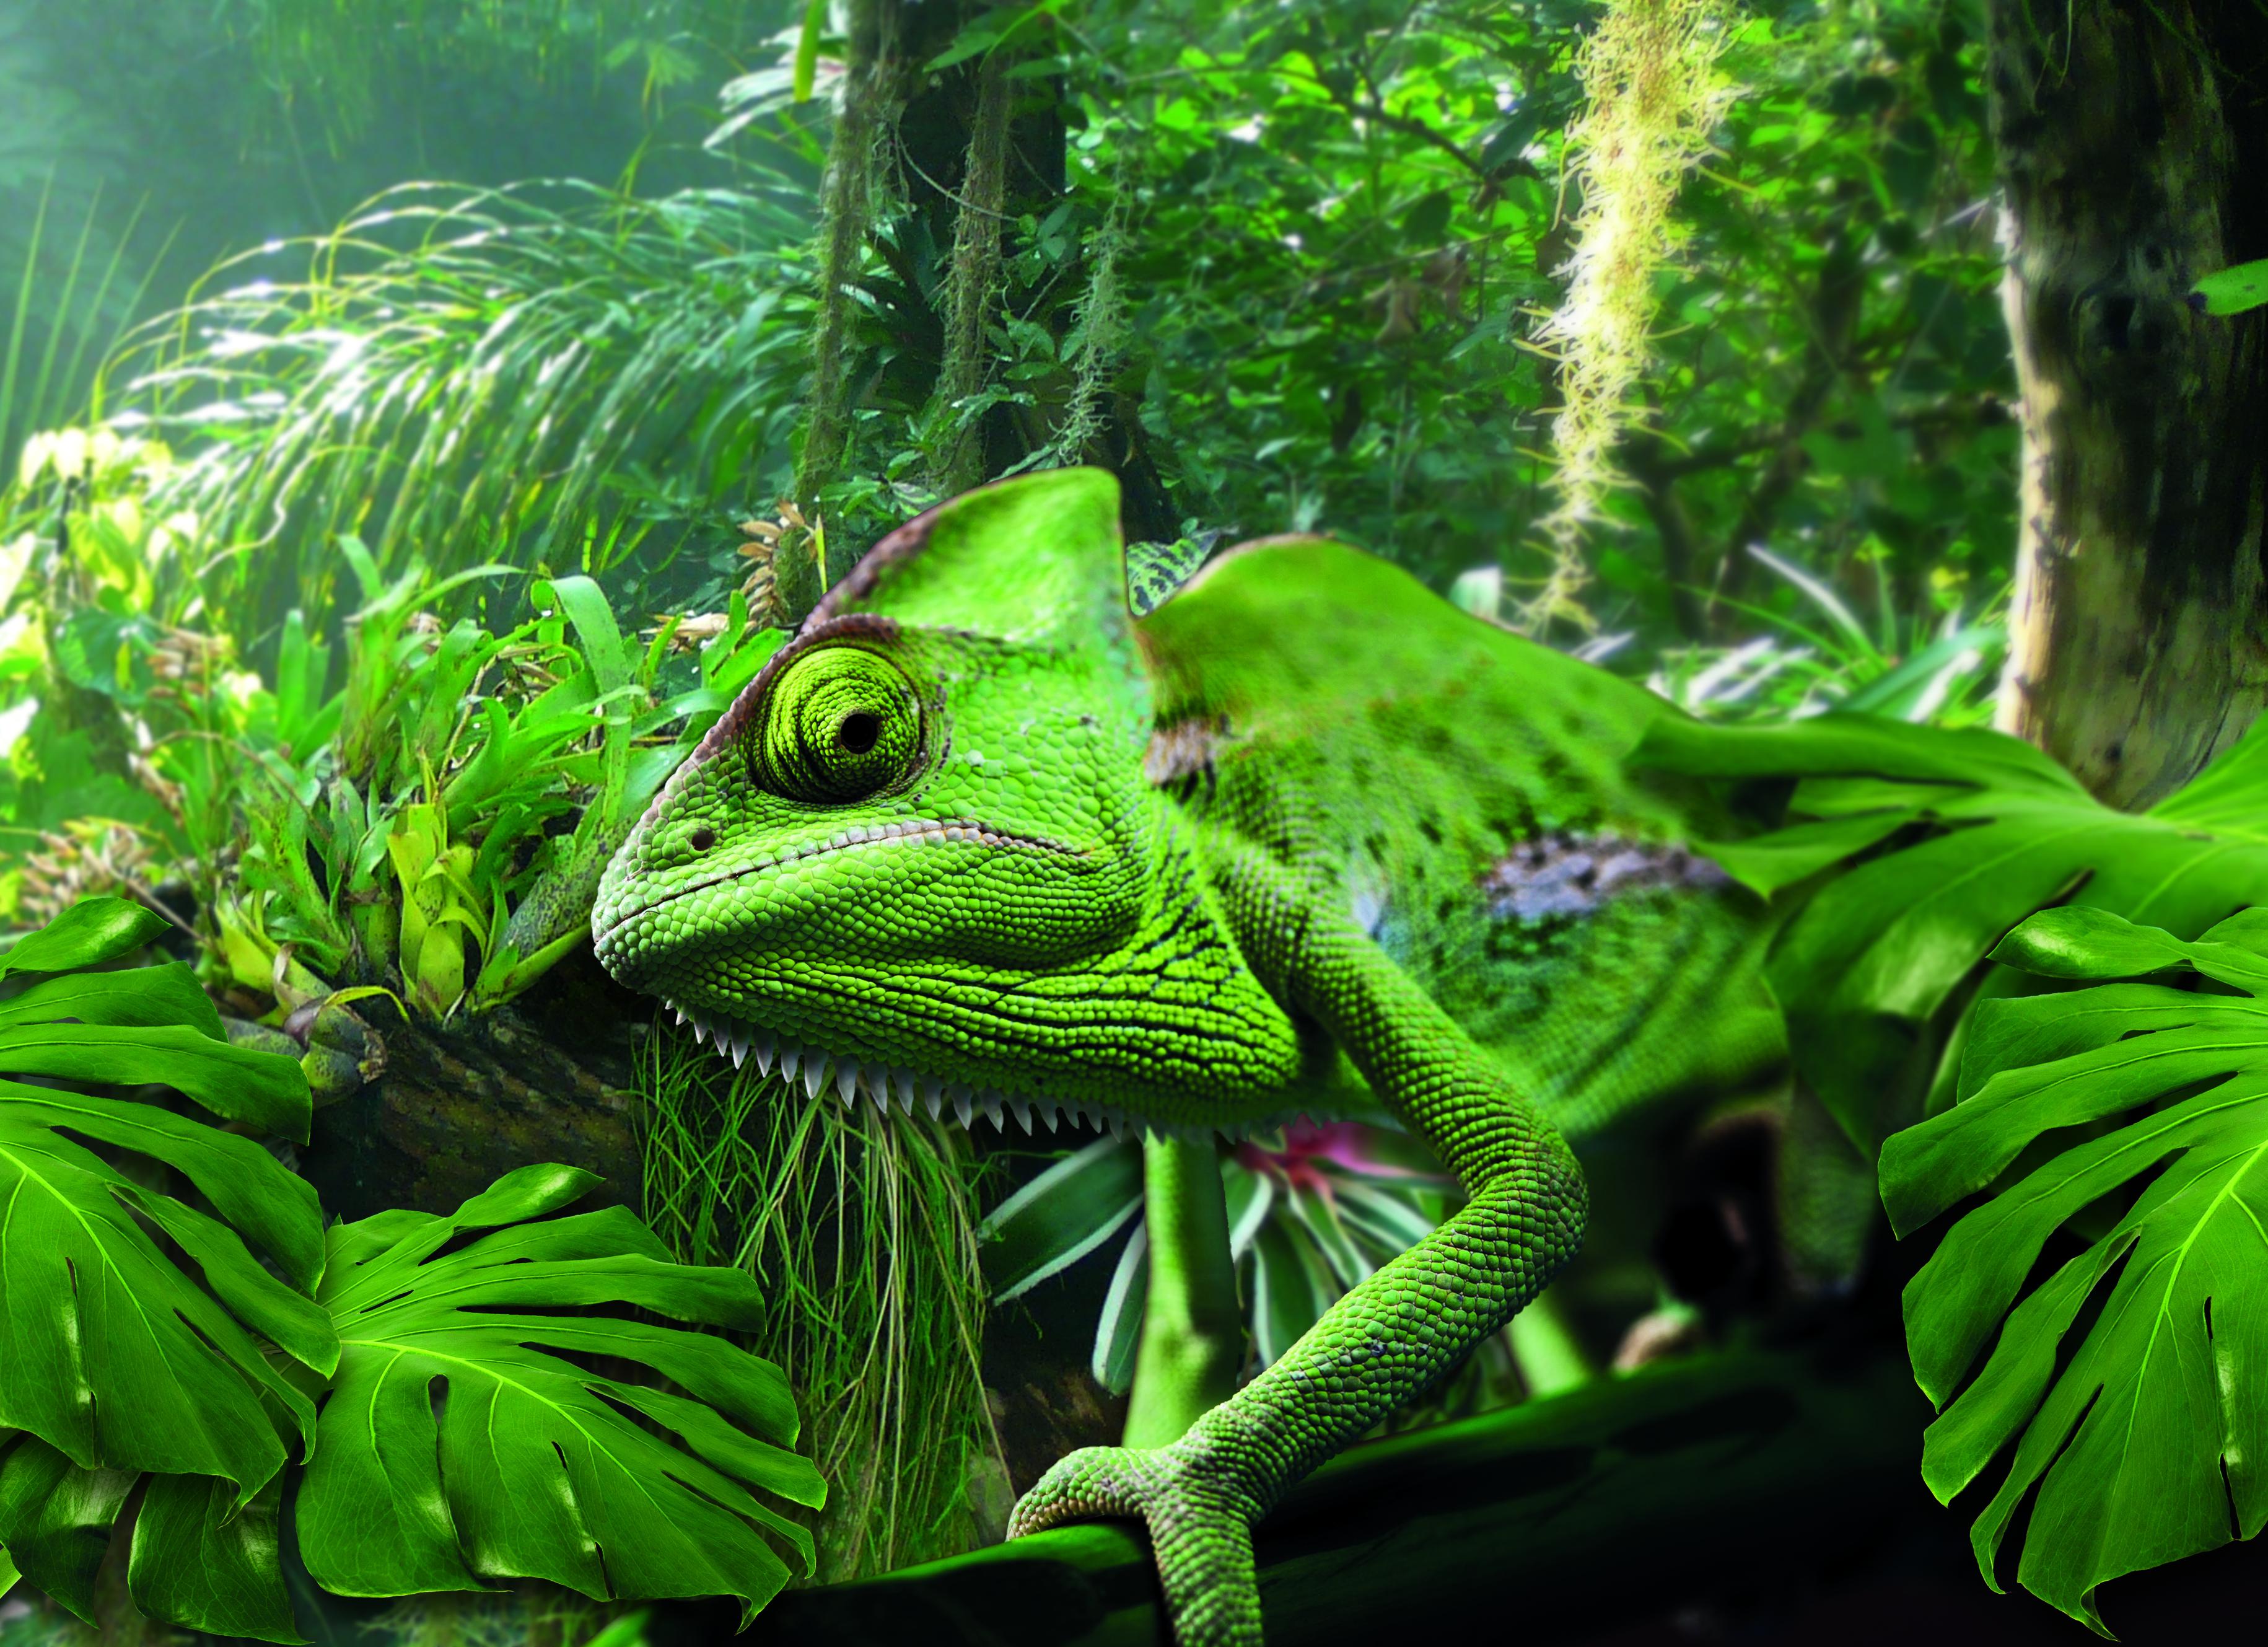 In der Biosphäre Potsdam gibt es einige Tiere und Pflanzen zu entdecken – so man sie nicht übersieht. Foto: Biosphäre Potsdam